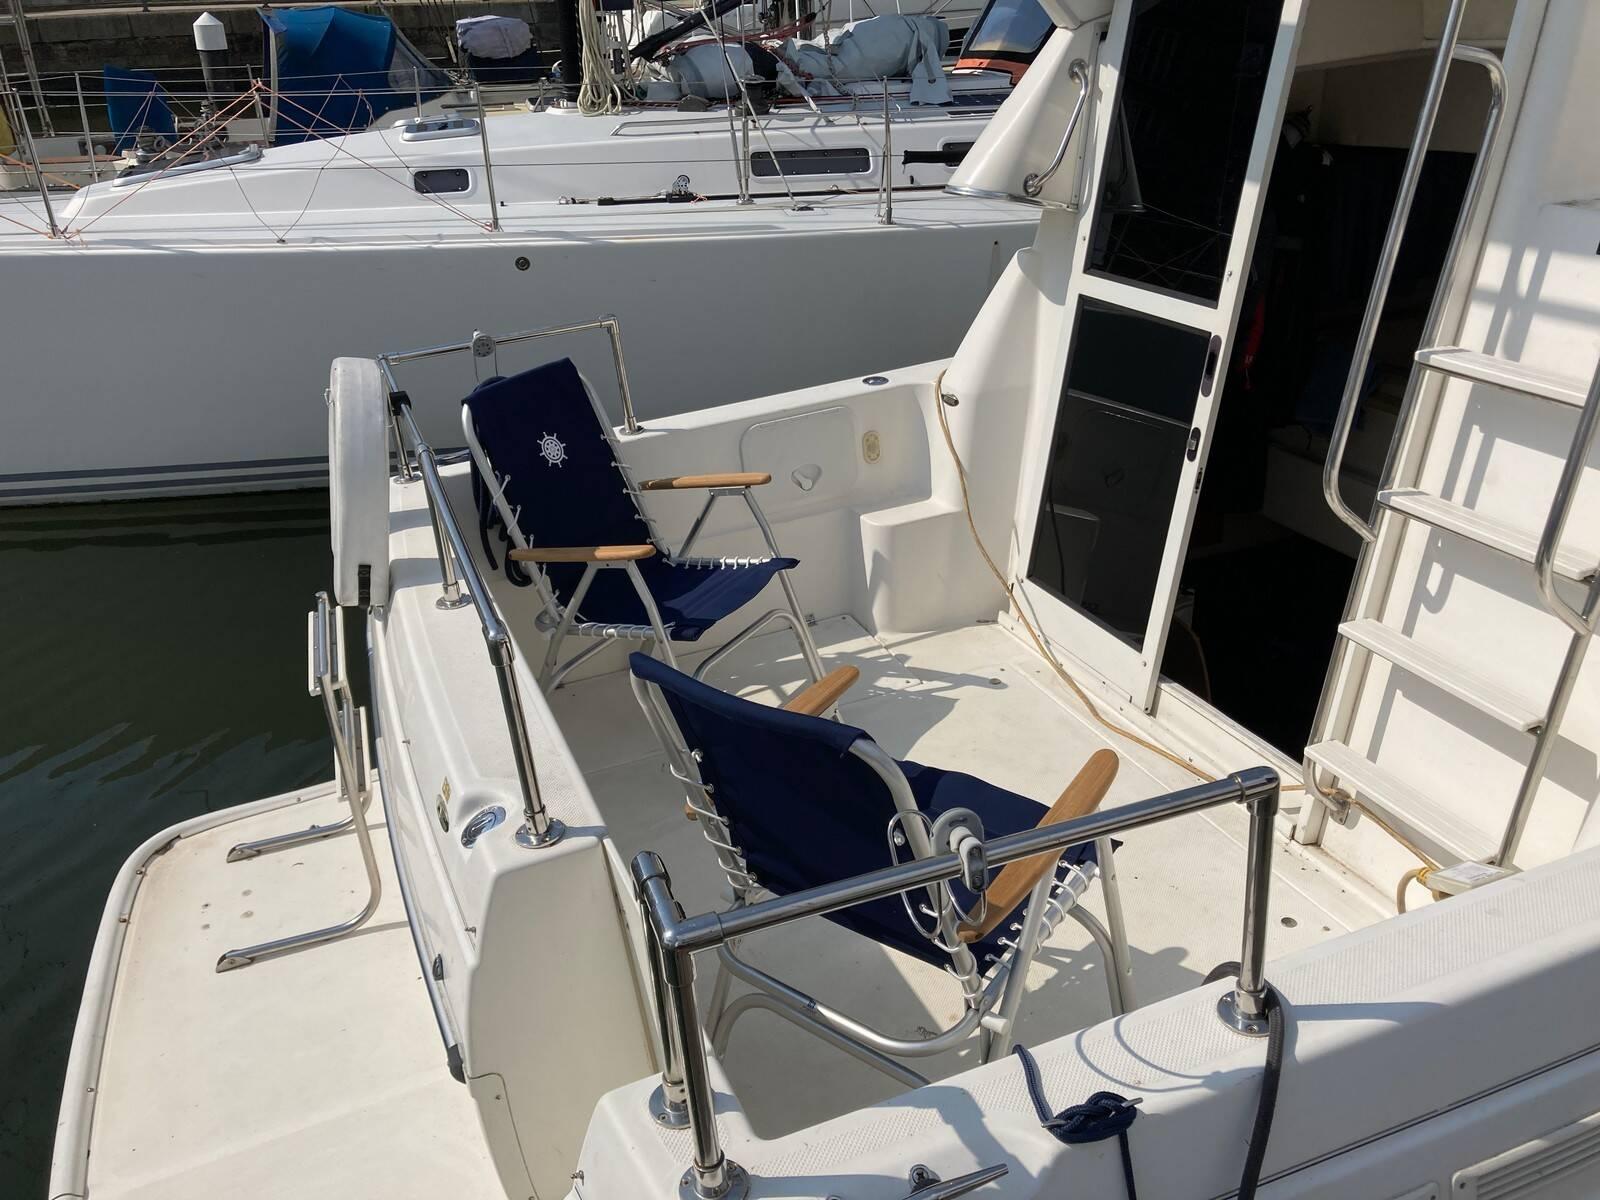 Bayliner 288 cockpit